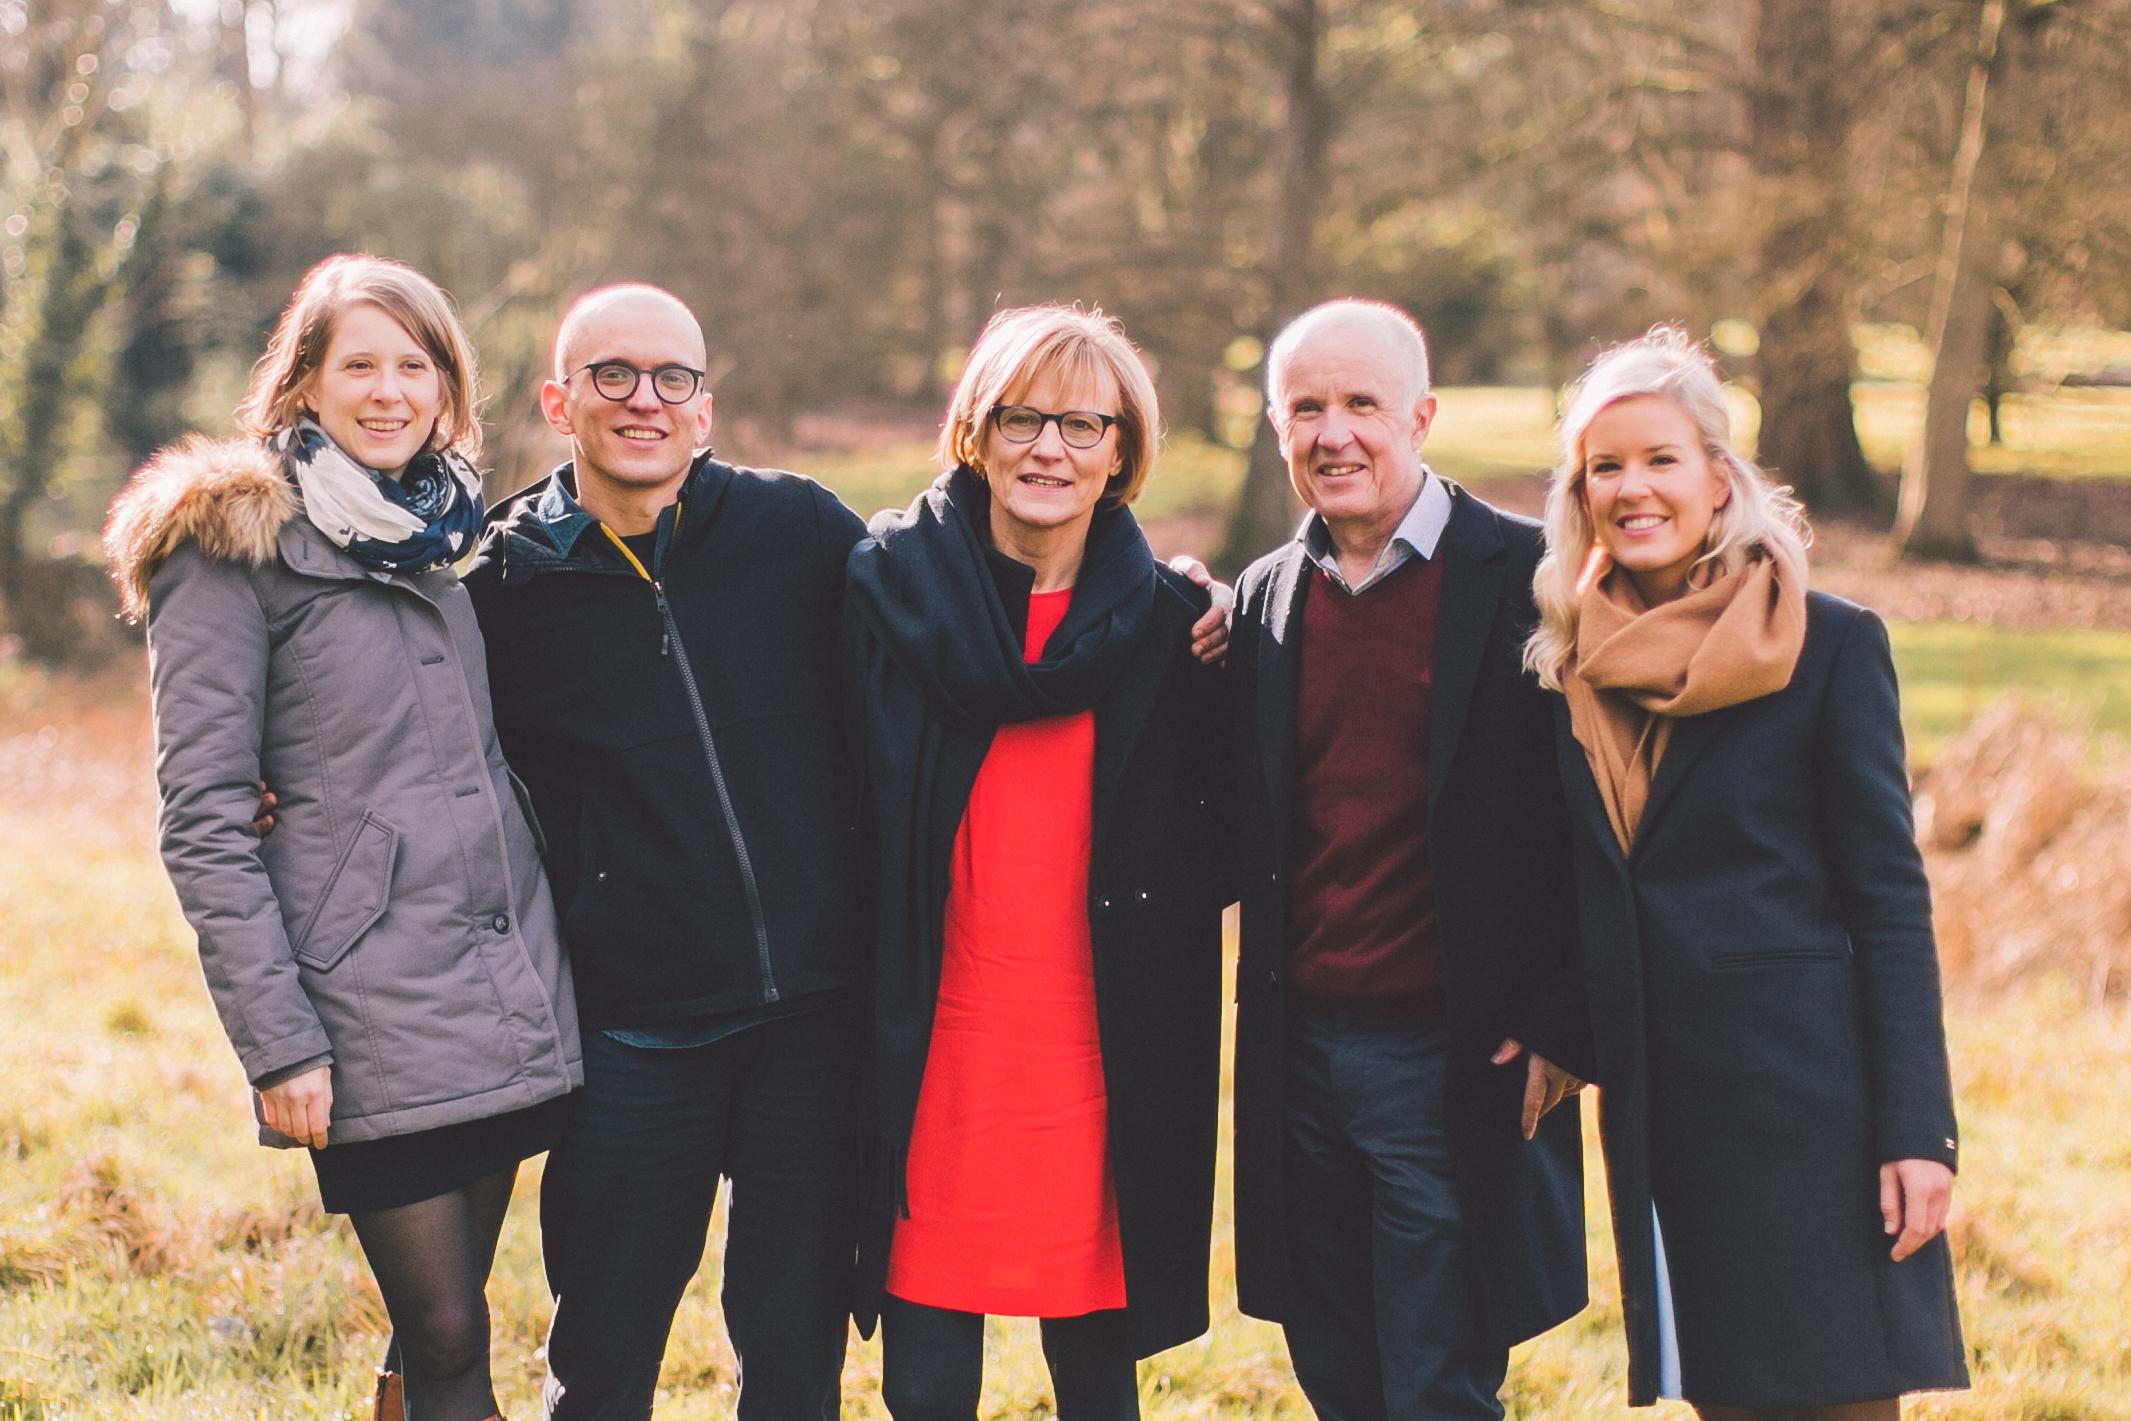 FAMILIE DENTURCK-1305